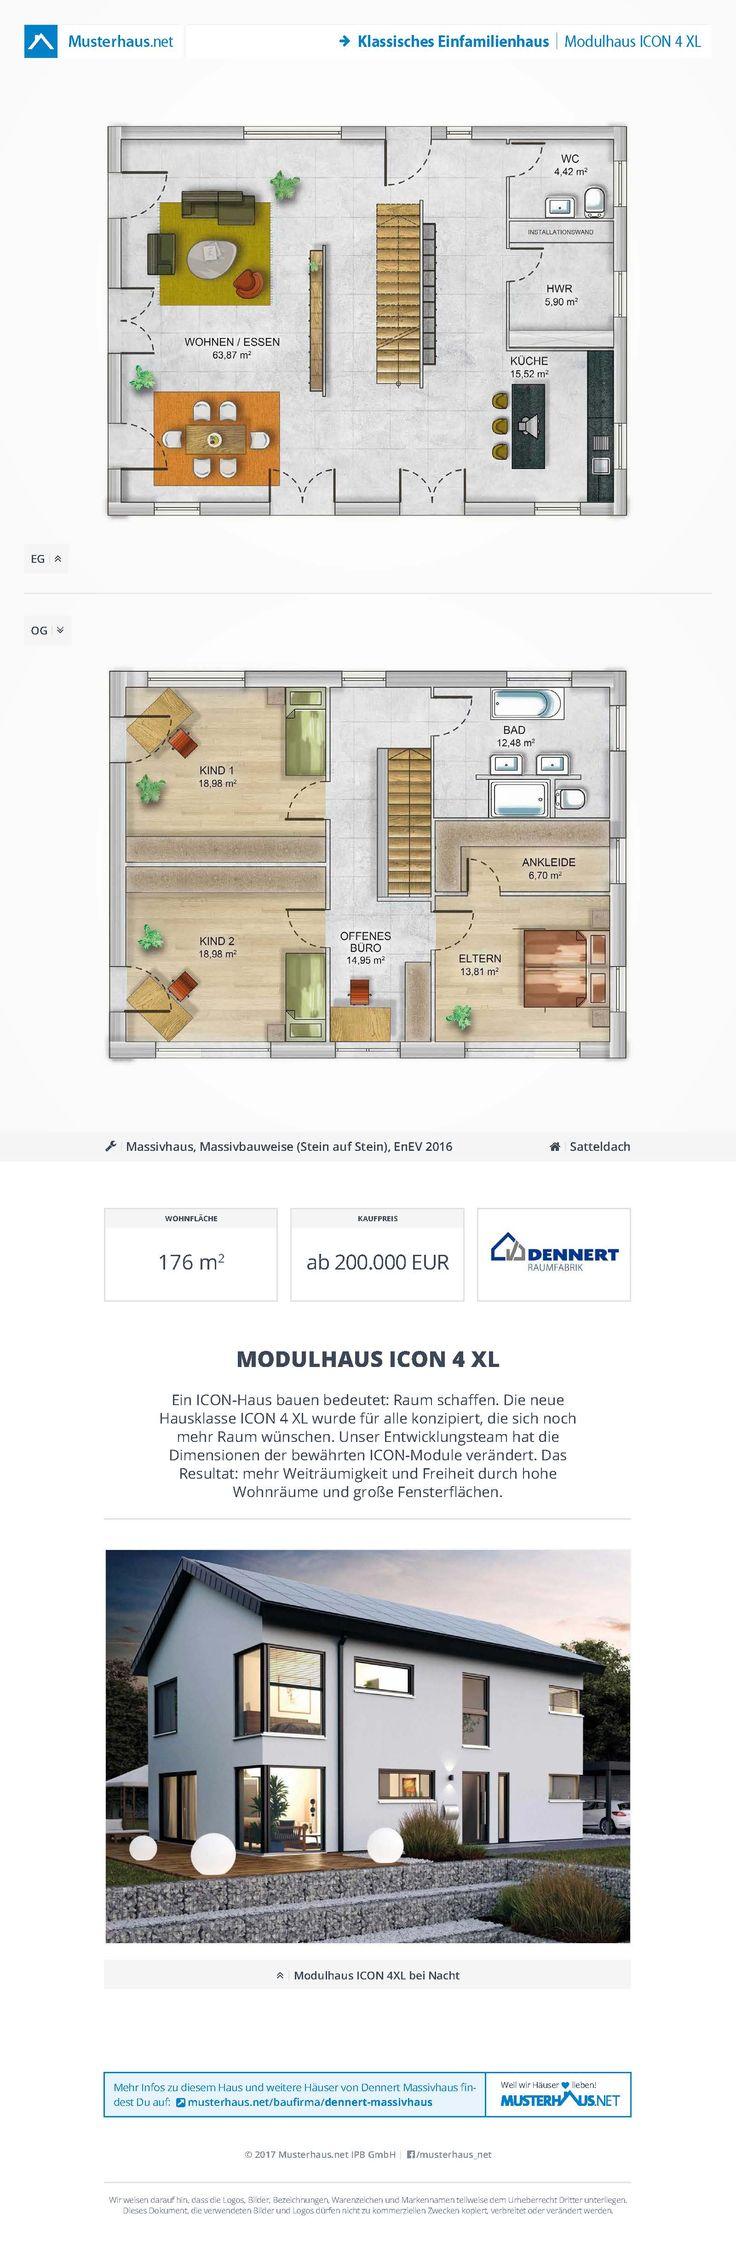 #Einfamilienhaus in der Massivbauweise • Modulhaus ICON 4 XL • Dennert Massivbau • Jetzt bei #Musterhaus.net Unterlagen anfordern!